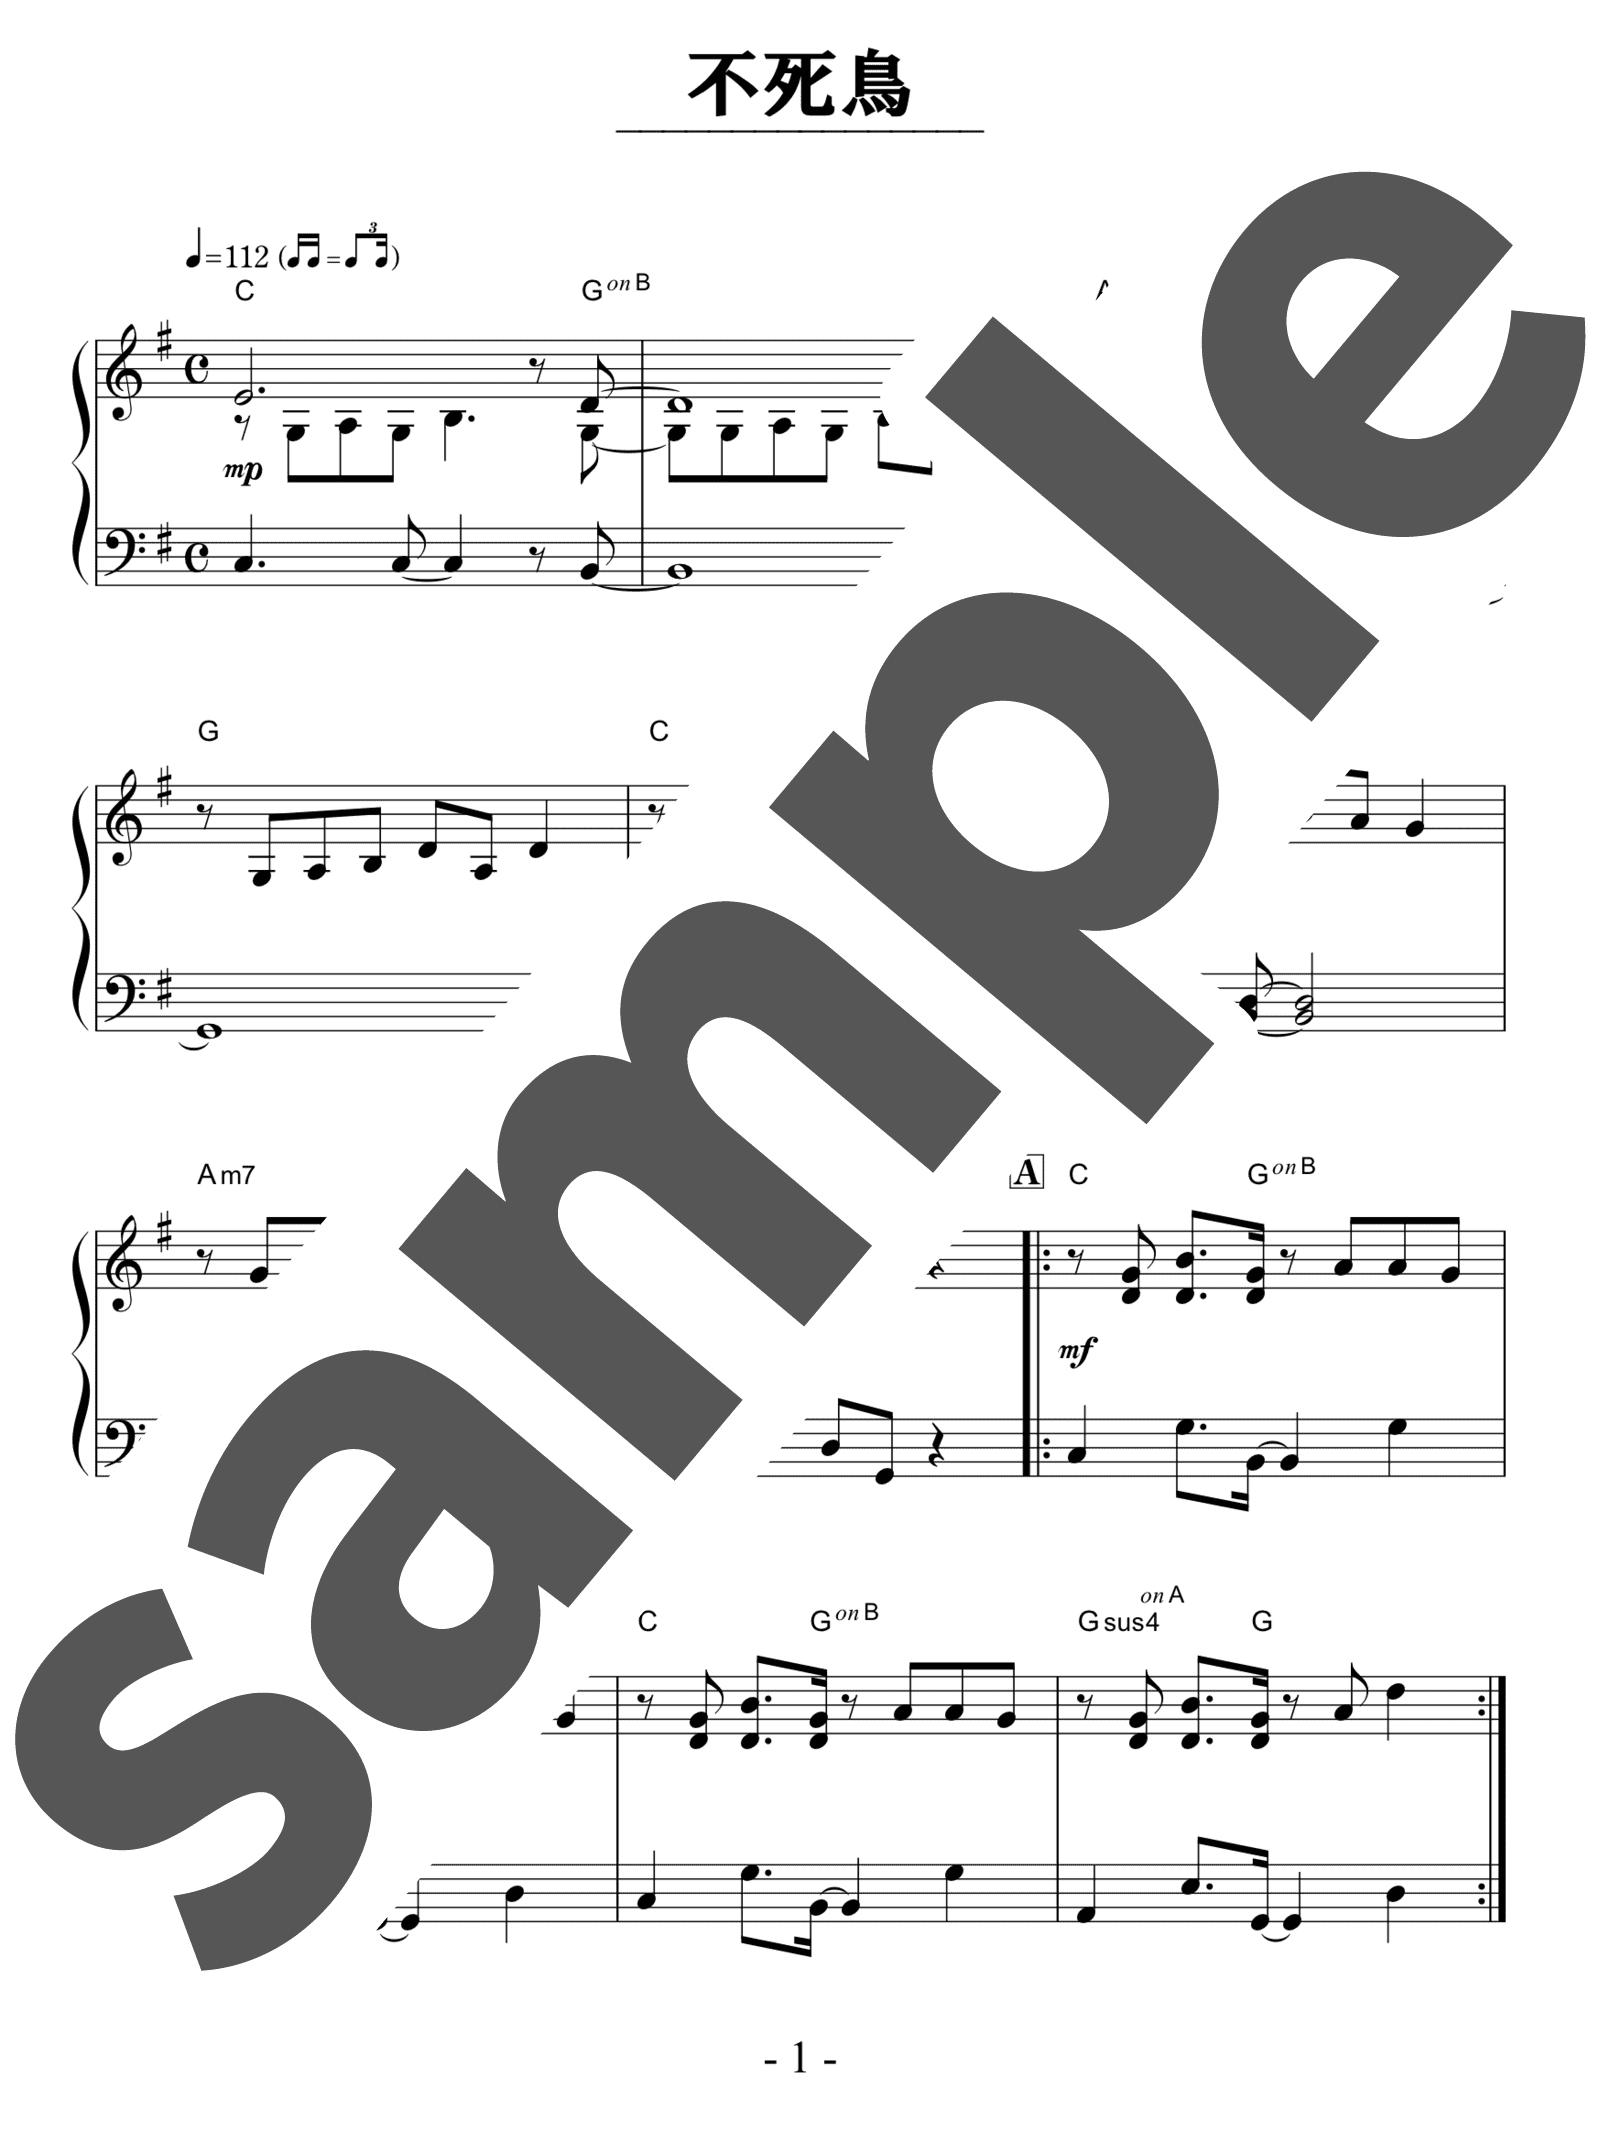 「不死鳥」のサンプル楽譜